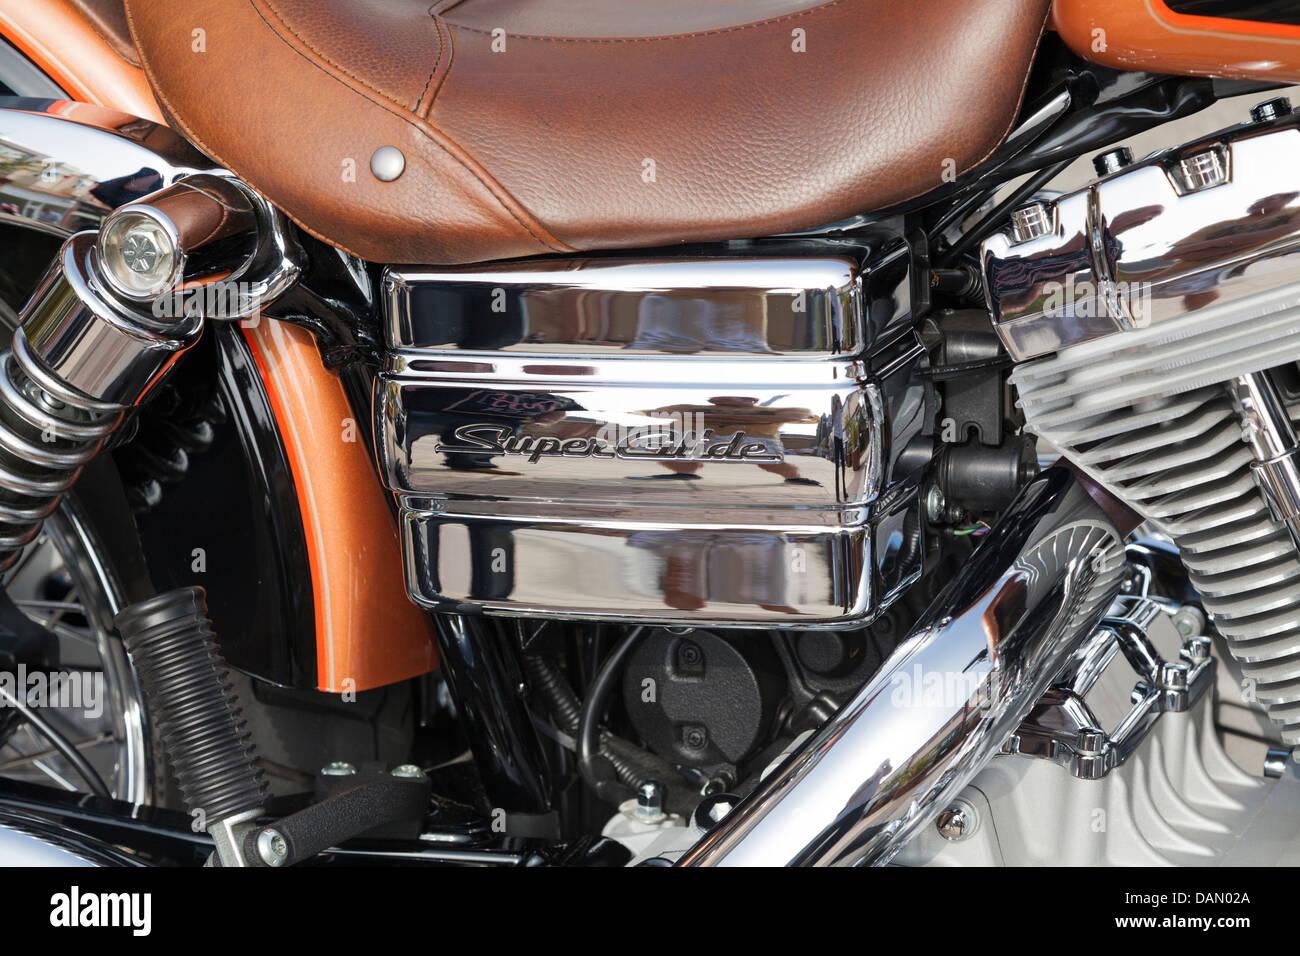 Harley Davidson super glide motore cromato close up Immagini Stock